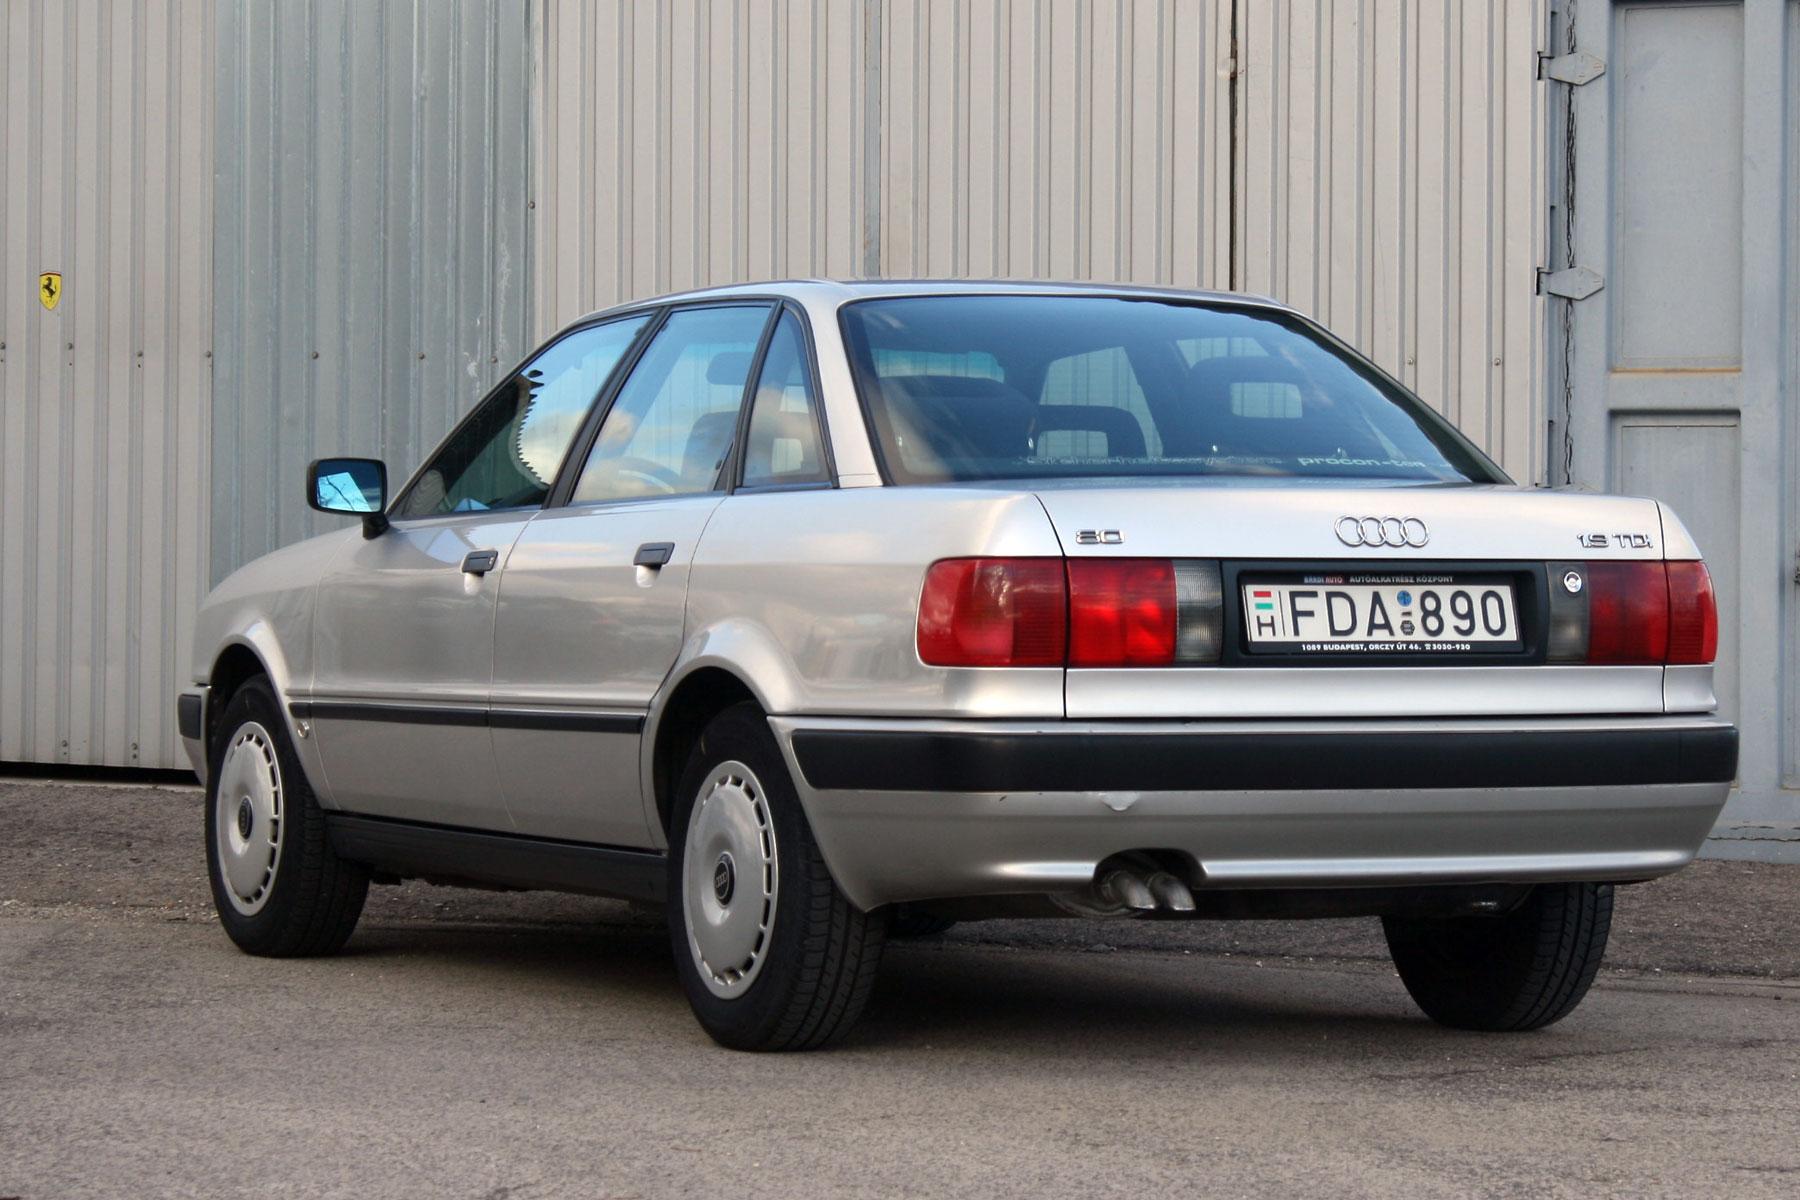 1992-ben, a Deák téri autószalonban vásárolta tulajdonosa. Az úr akkor 61 éves volt, ma 85